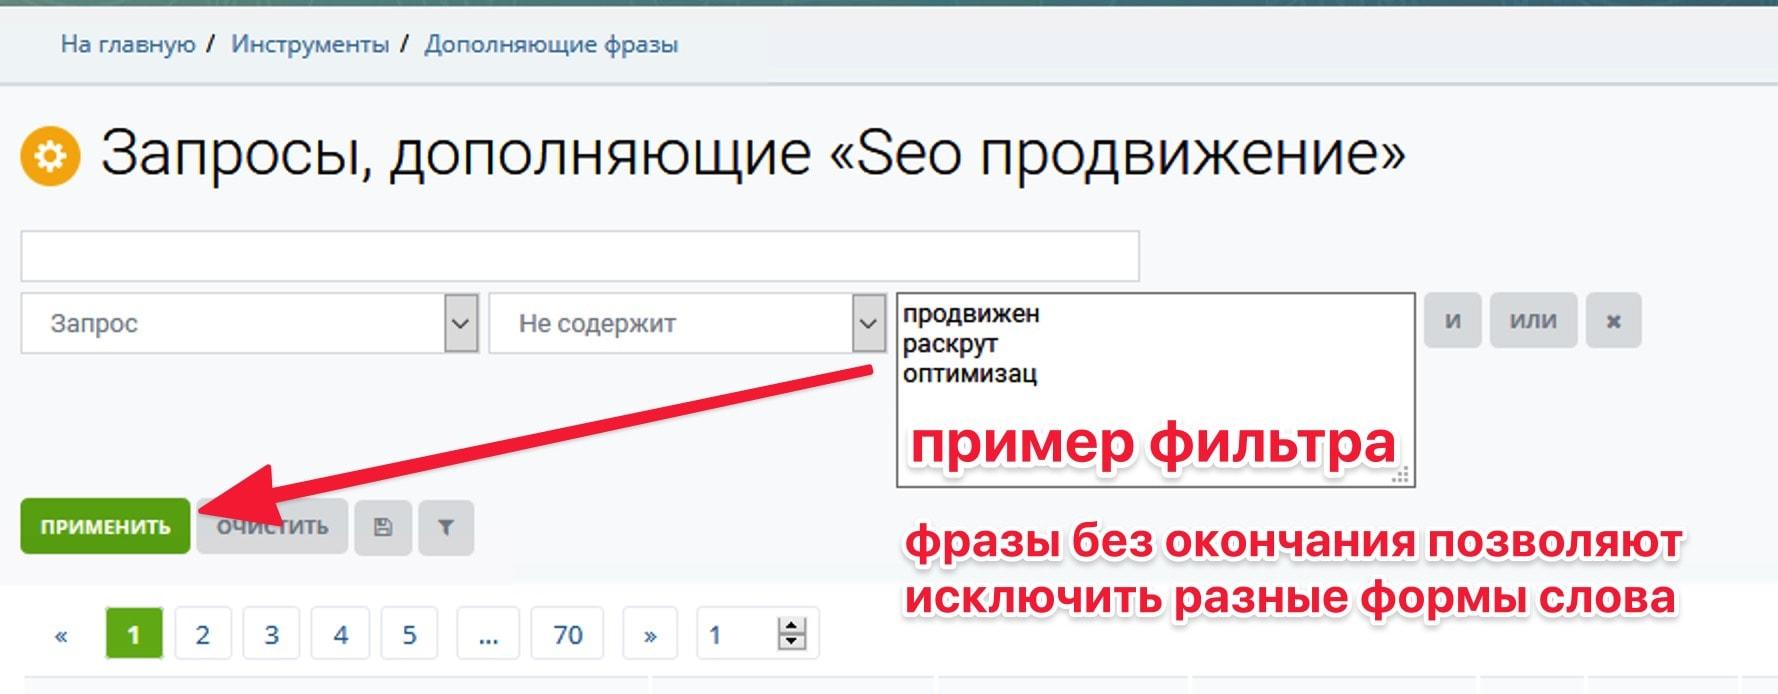 использование фильтра в опции дополняющие фразы сервиса кейс со